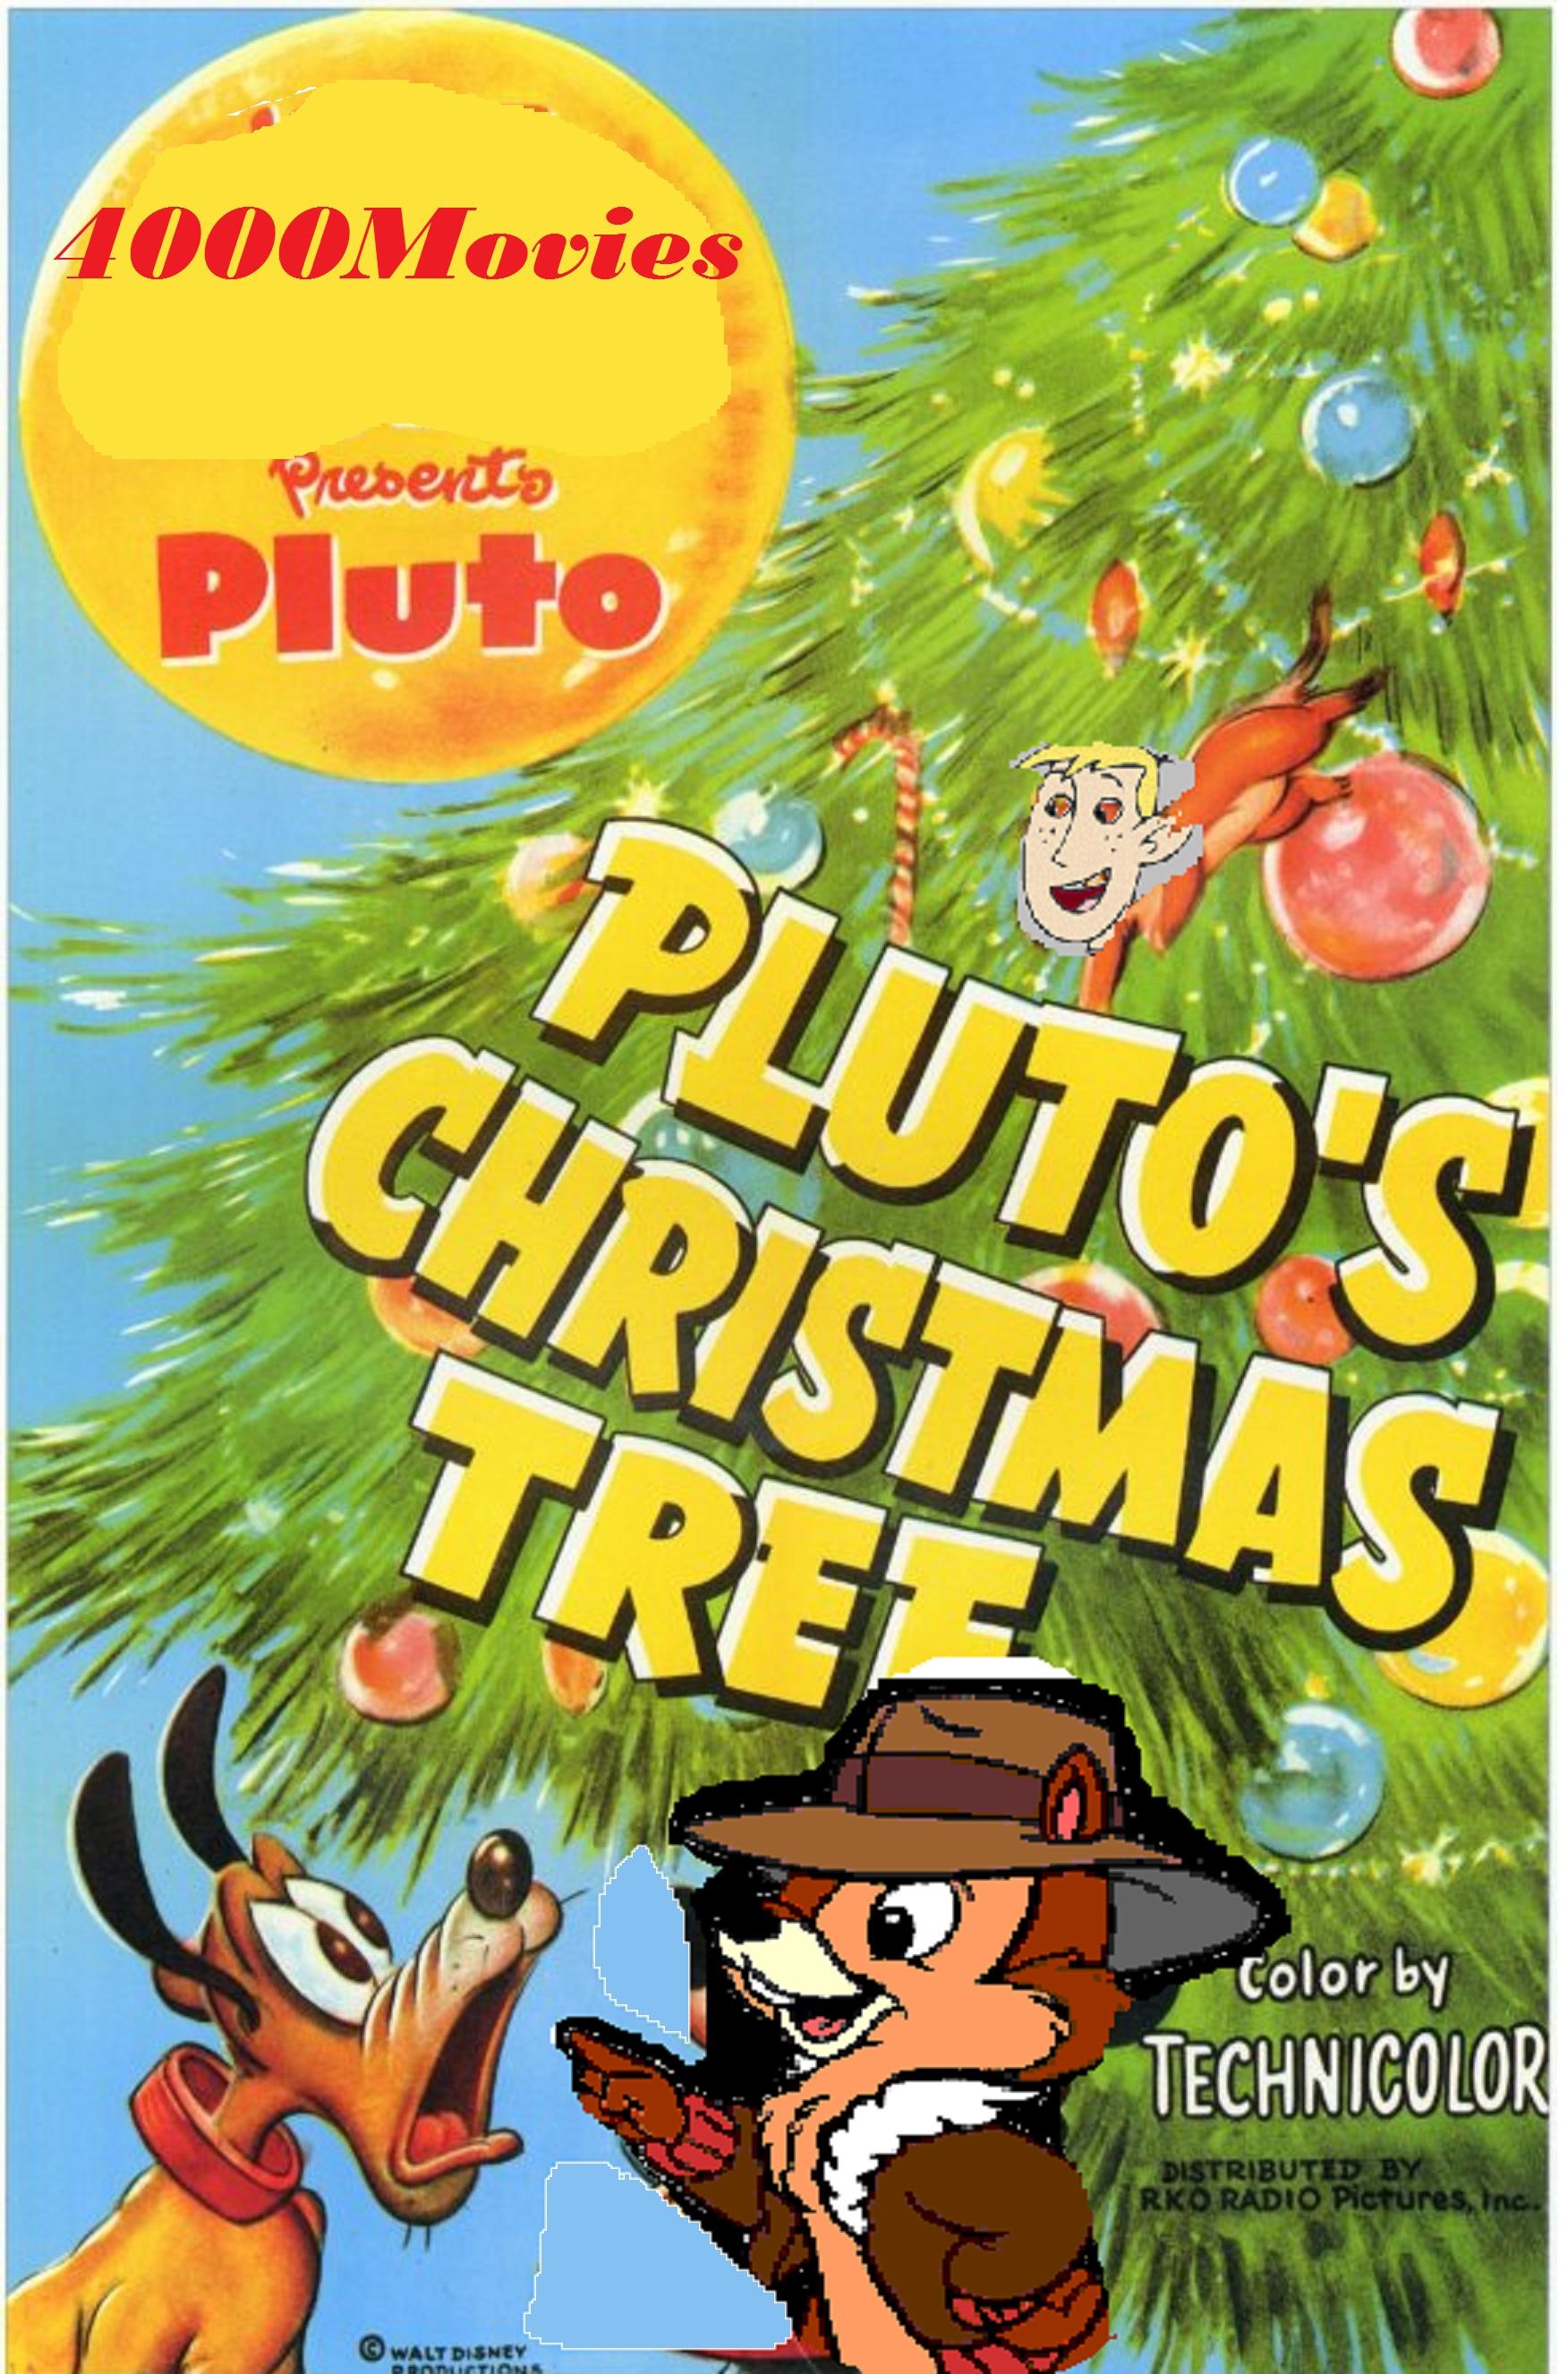 Plutos Christmas Tree.Pluto S Christmas Tree 4000movies Style The Parody Wiki